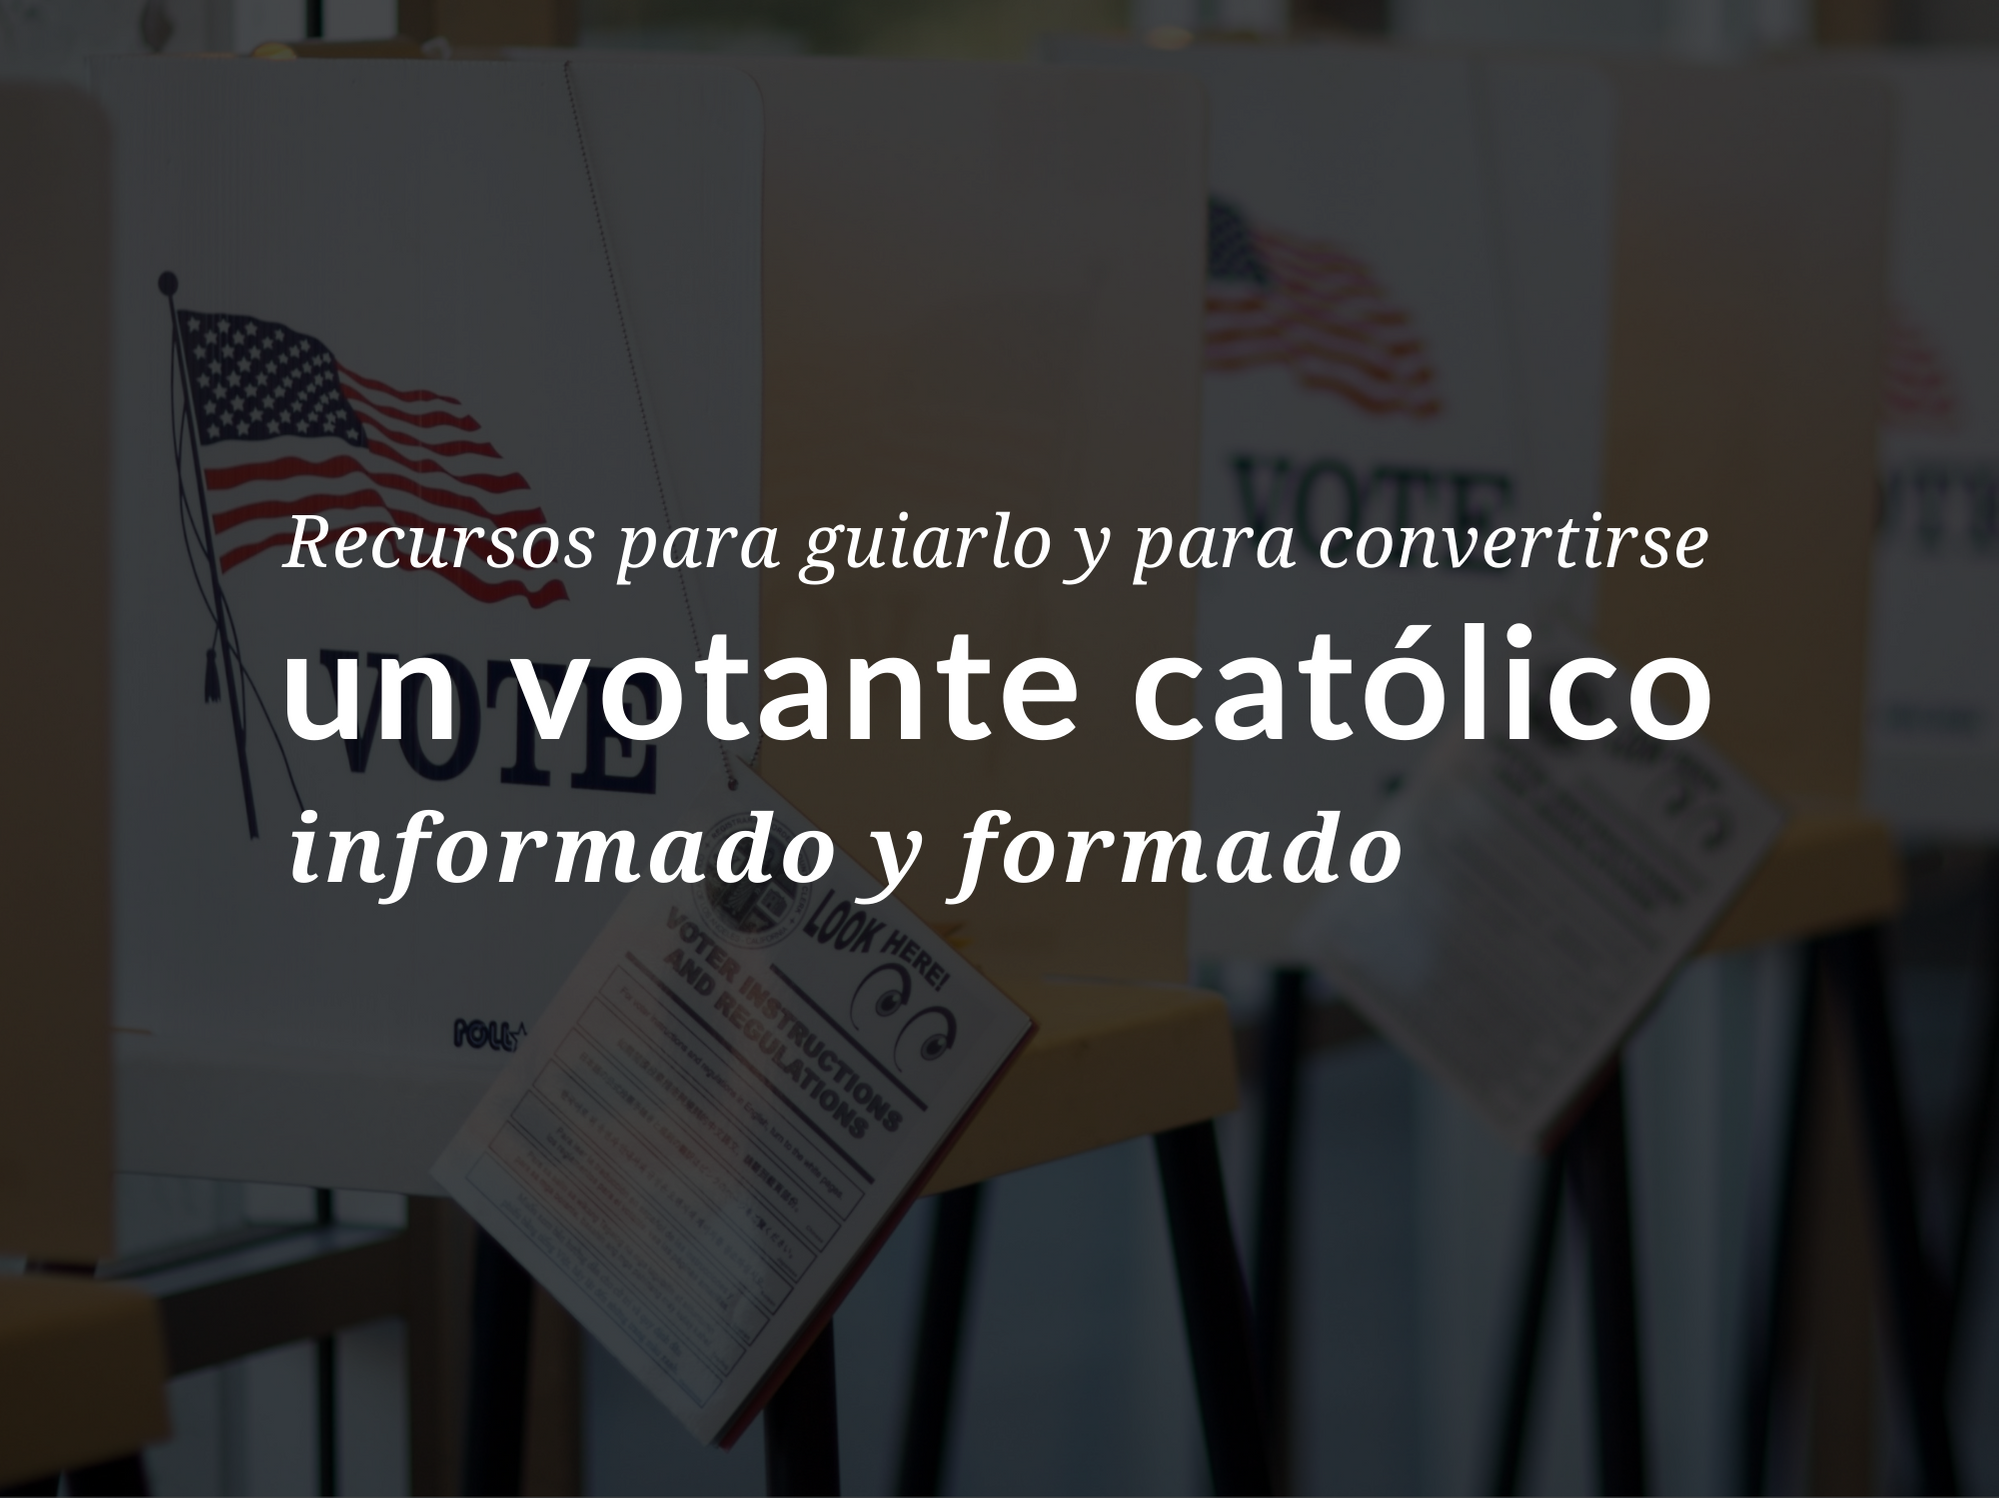 recursos-para-guiarlo-y-para-convertirse-un-votante-catolico-informado-y-formado